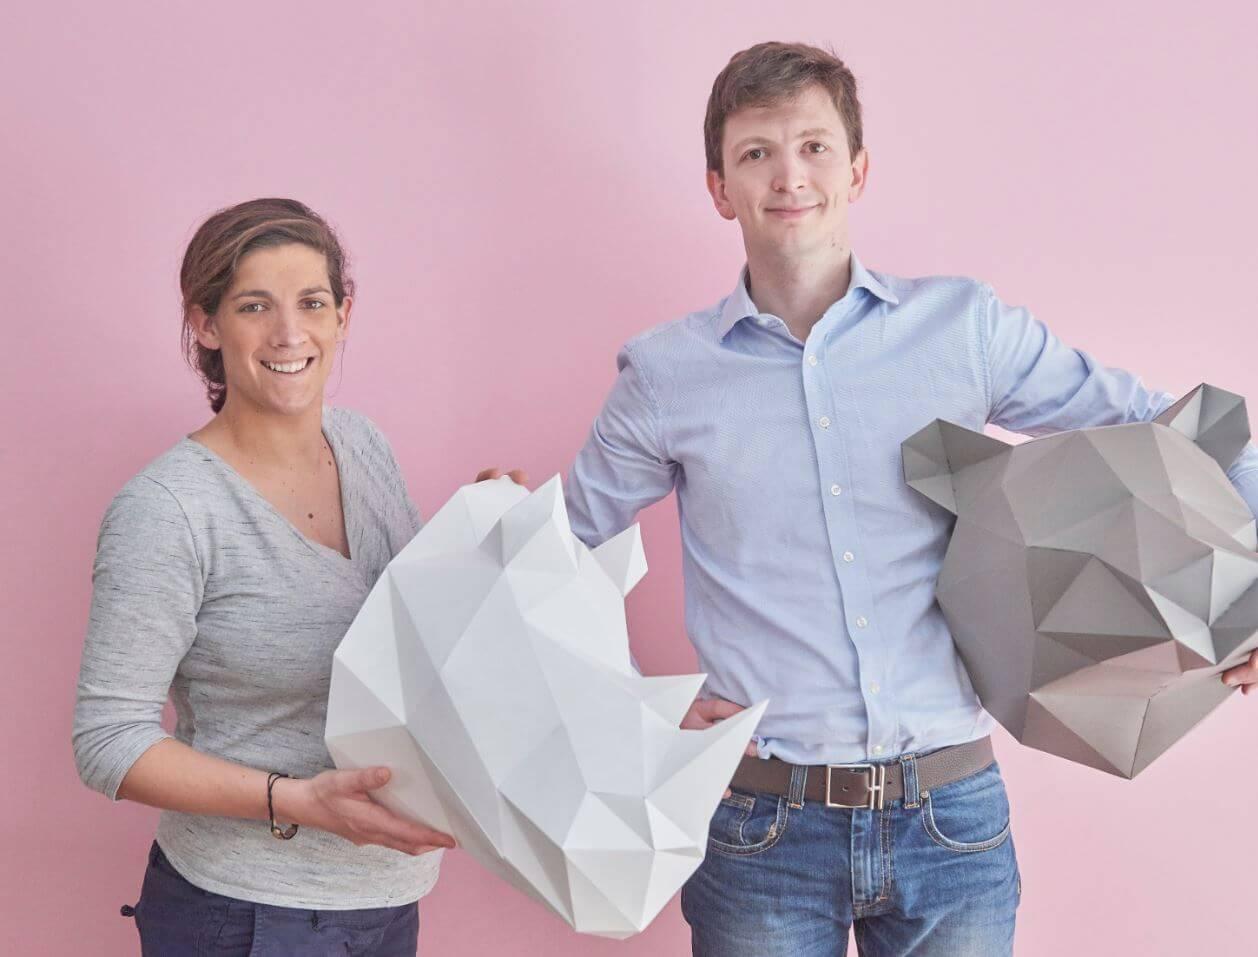 Picintouch, start-up, mamie, photos, création d'entreprise, entrepreneuriat, jeunes